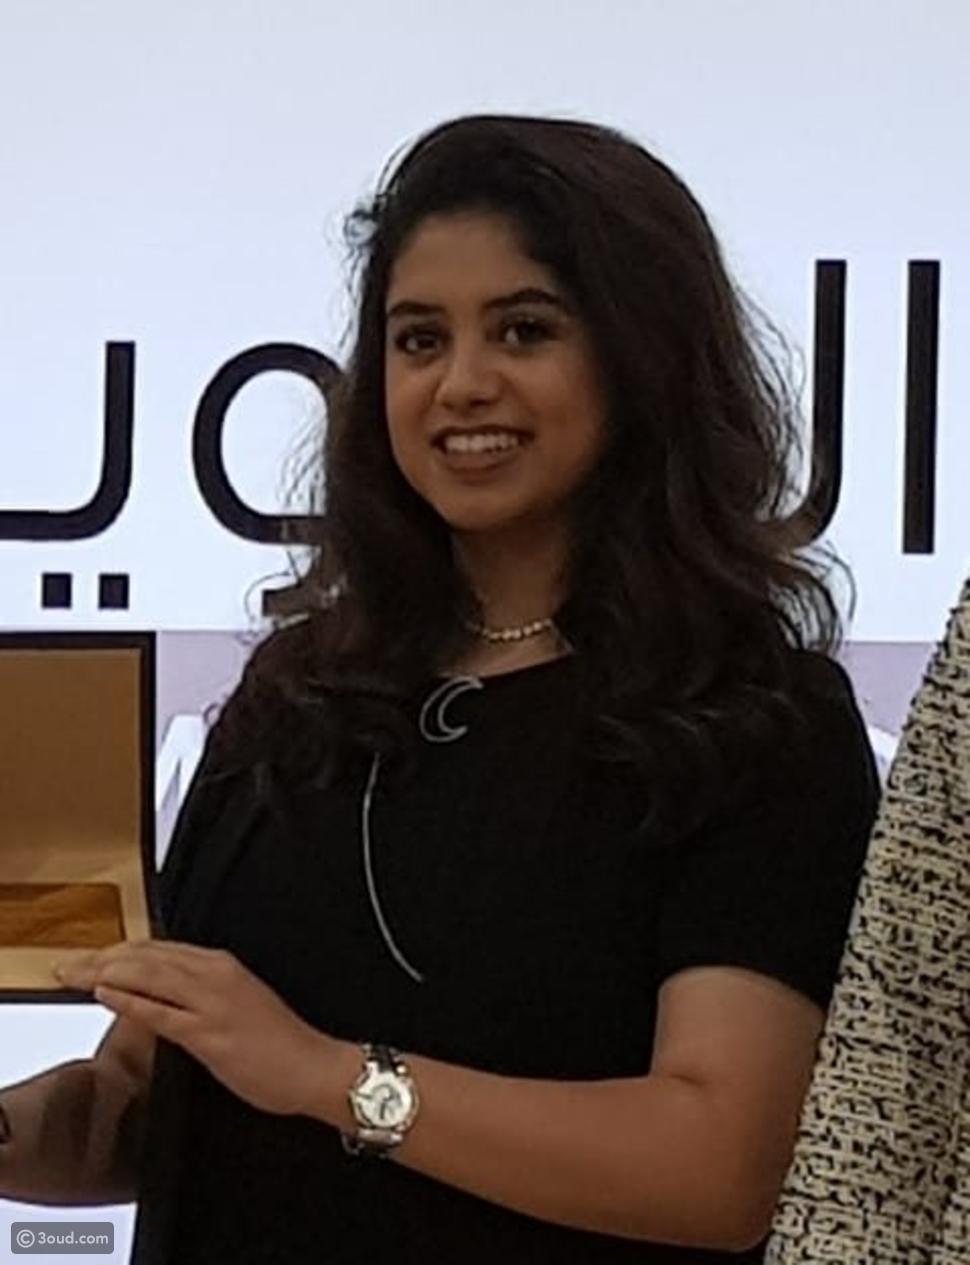 الأزياء الكويتية الرجالية في جناح ذاكرة الكويت بمعرض الكويت للكتاب